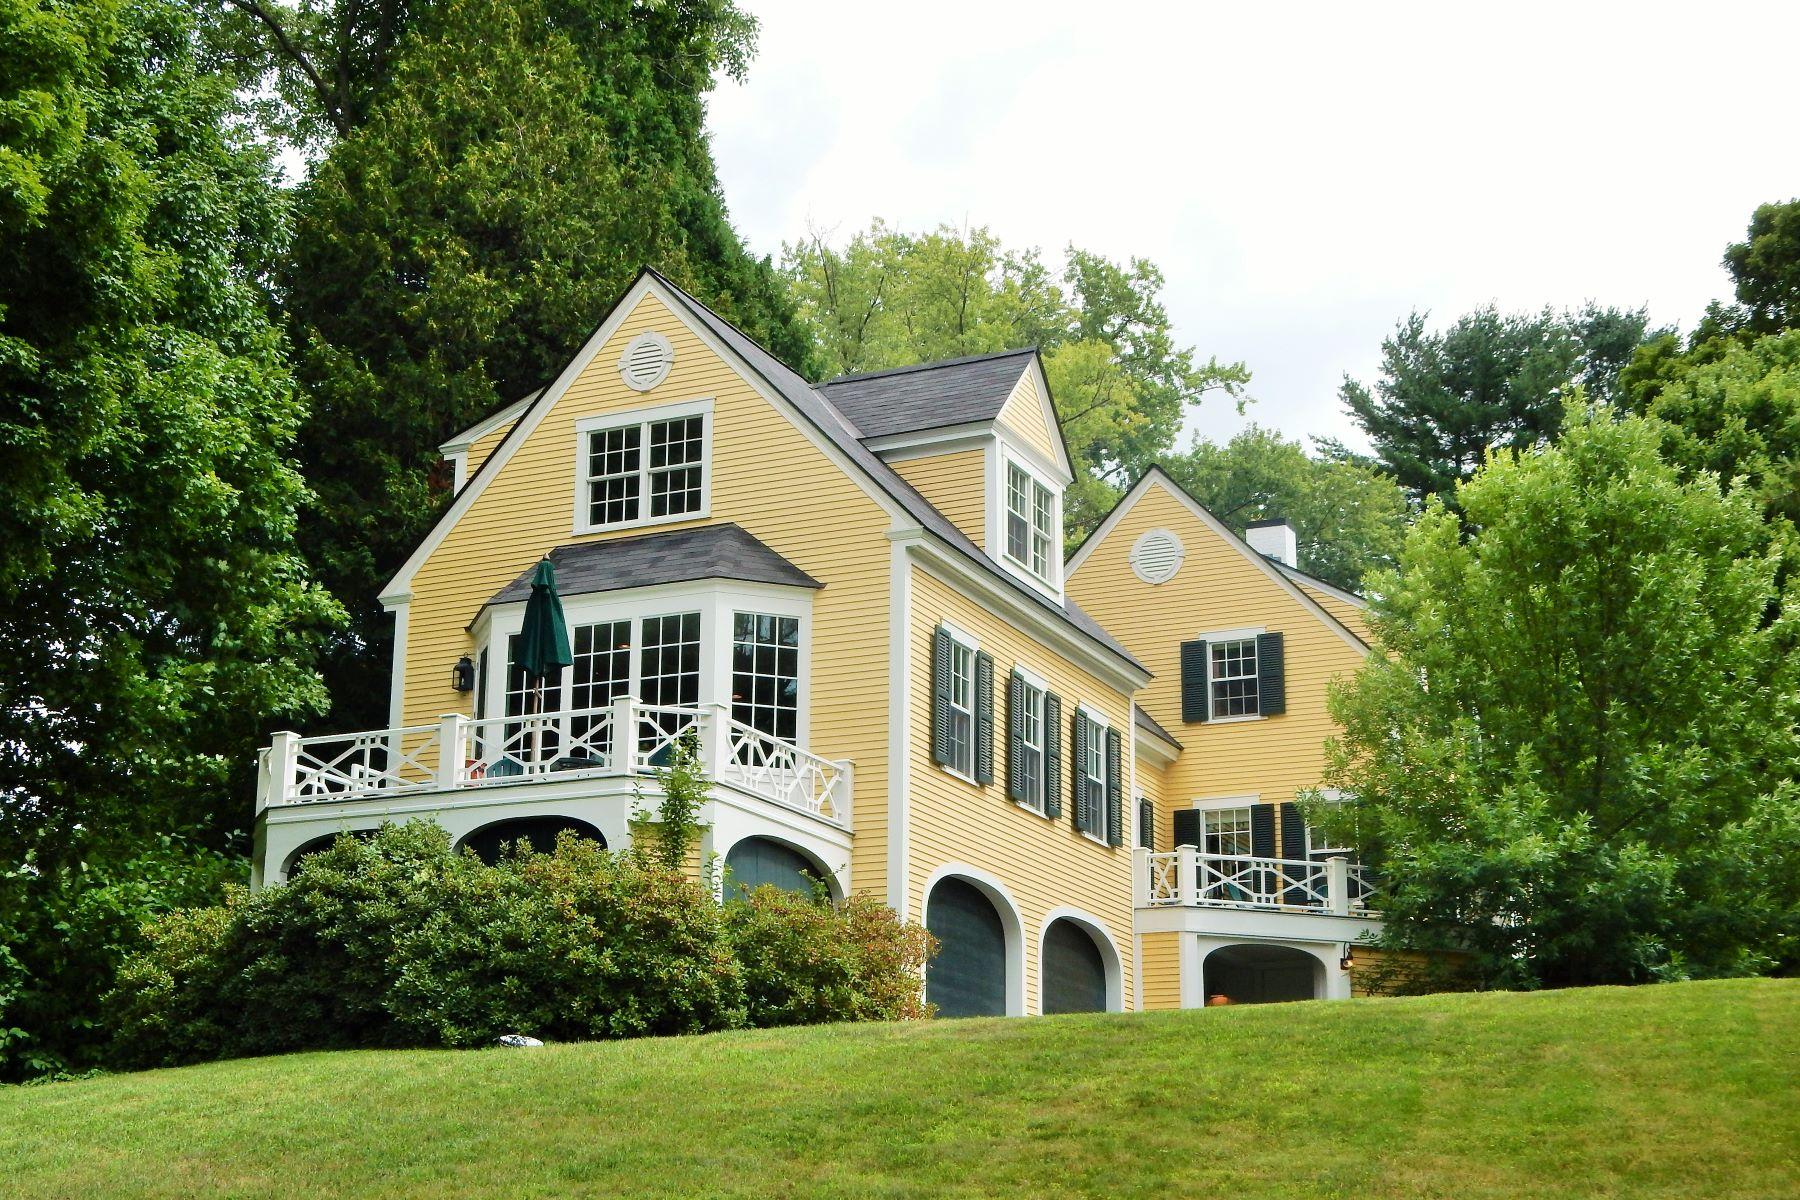 一戸建て のために 売買 アット Immaculate home on Occum Pond in Hanover 14 Rope Ferry Rd Hanover, ニューハンプシャー, 03755 アメリカ合衆国